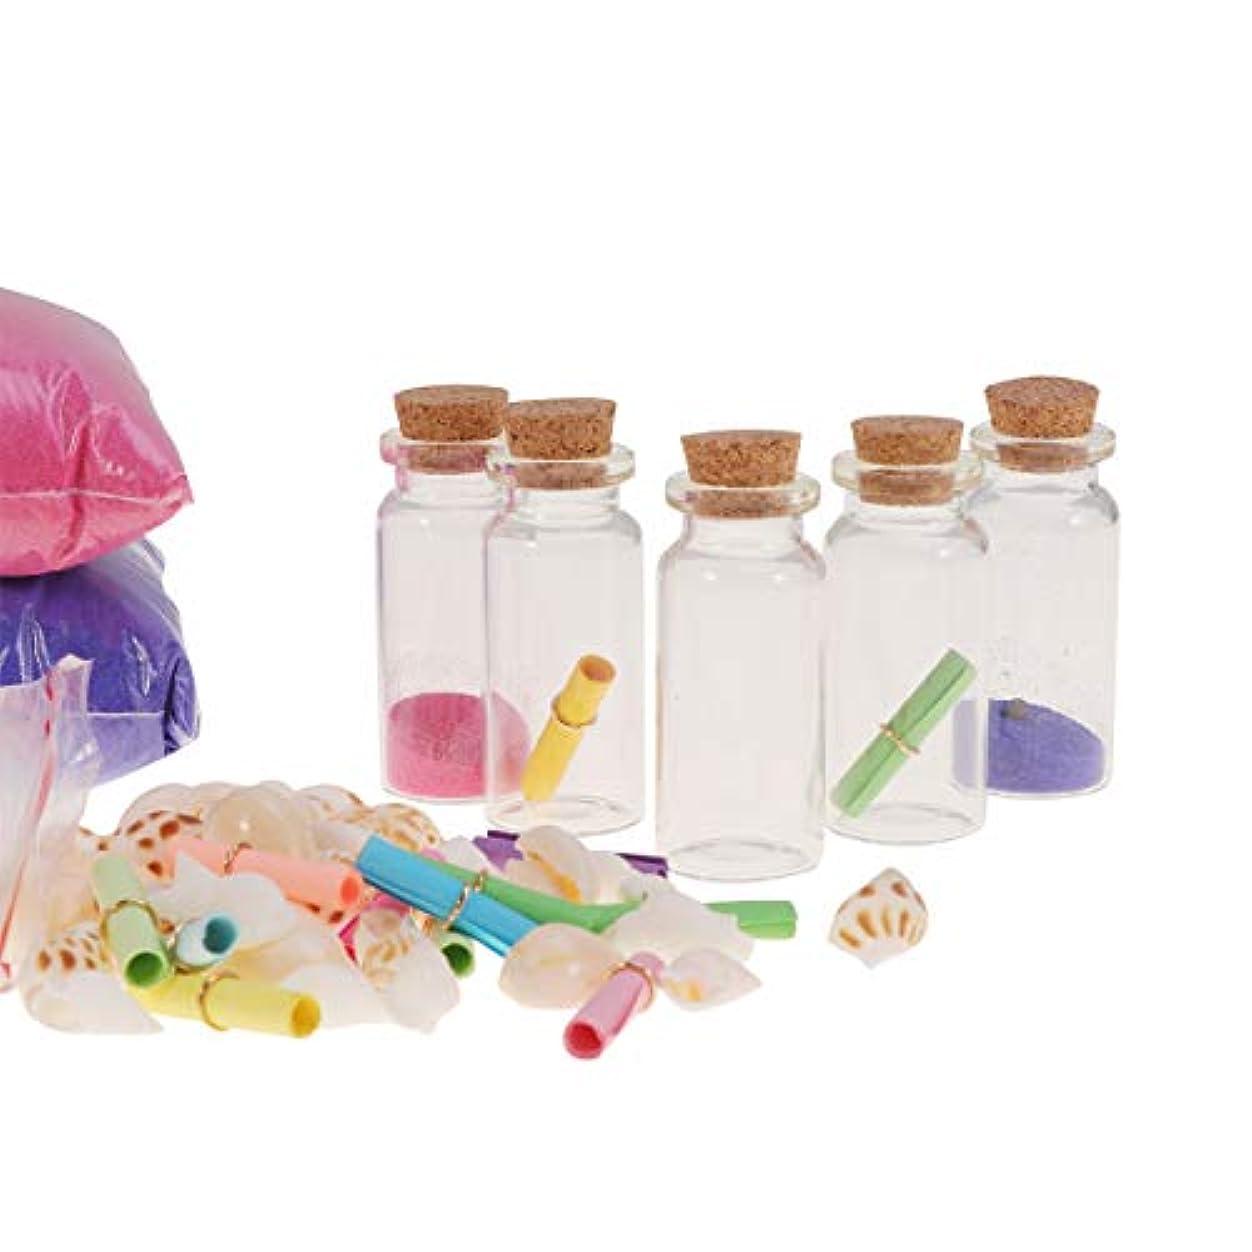 エキスオフコンベンションコルク栓で健康的なクリアミニガラス瓶diyウィッシュボトル巻き貝紙カラフルな砂メッセージ願いパーティーの好意92ピース